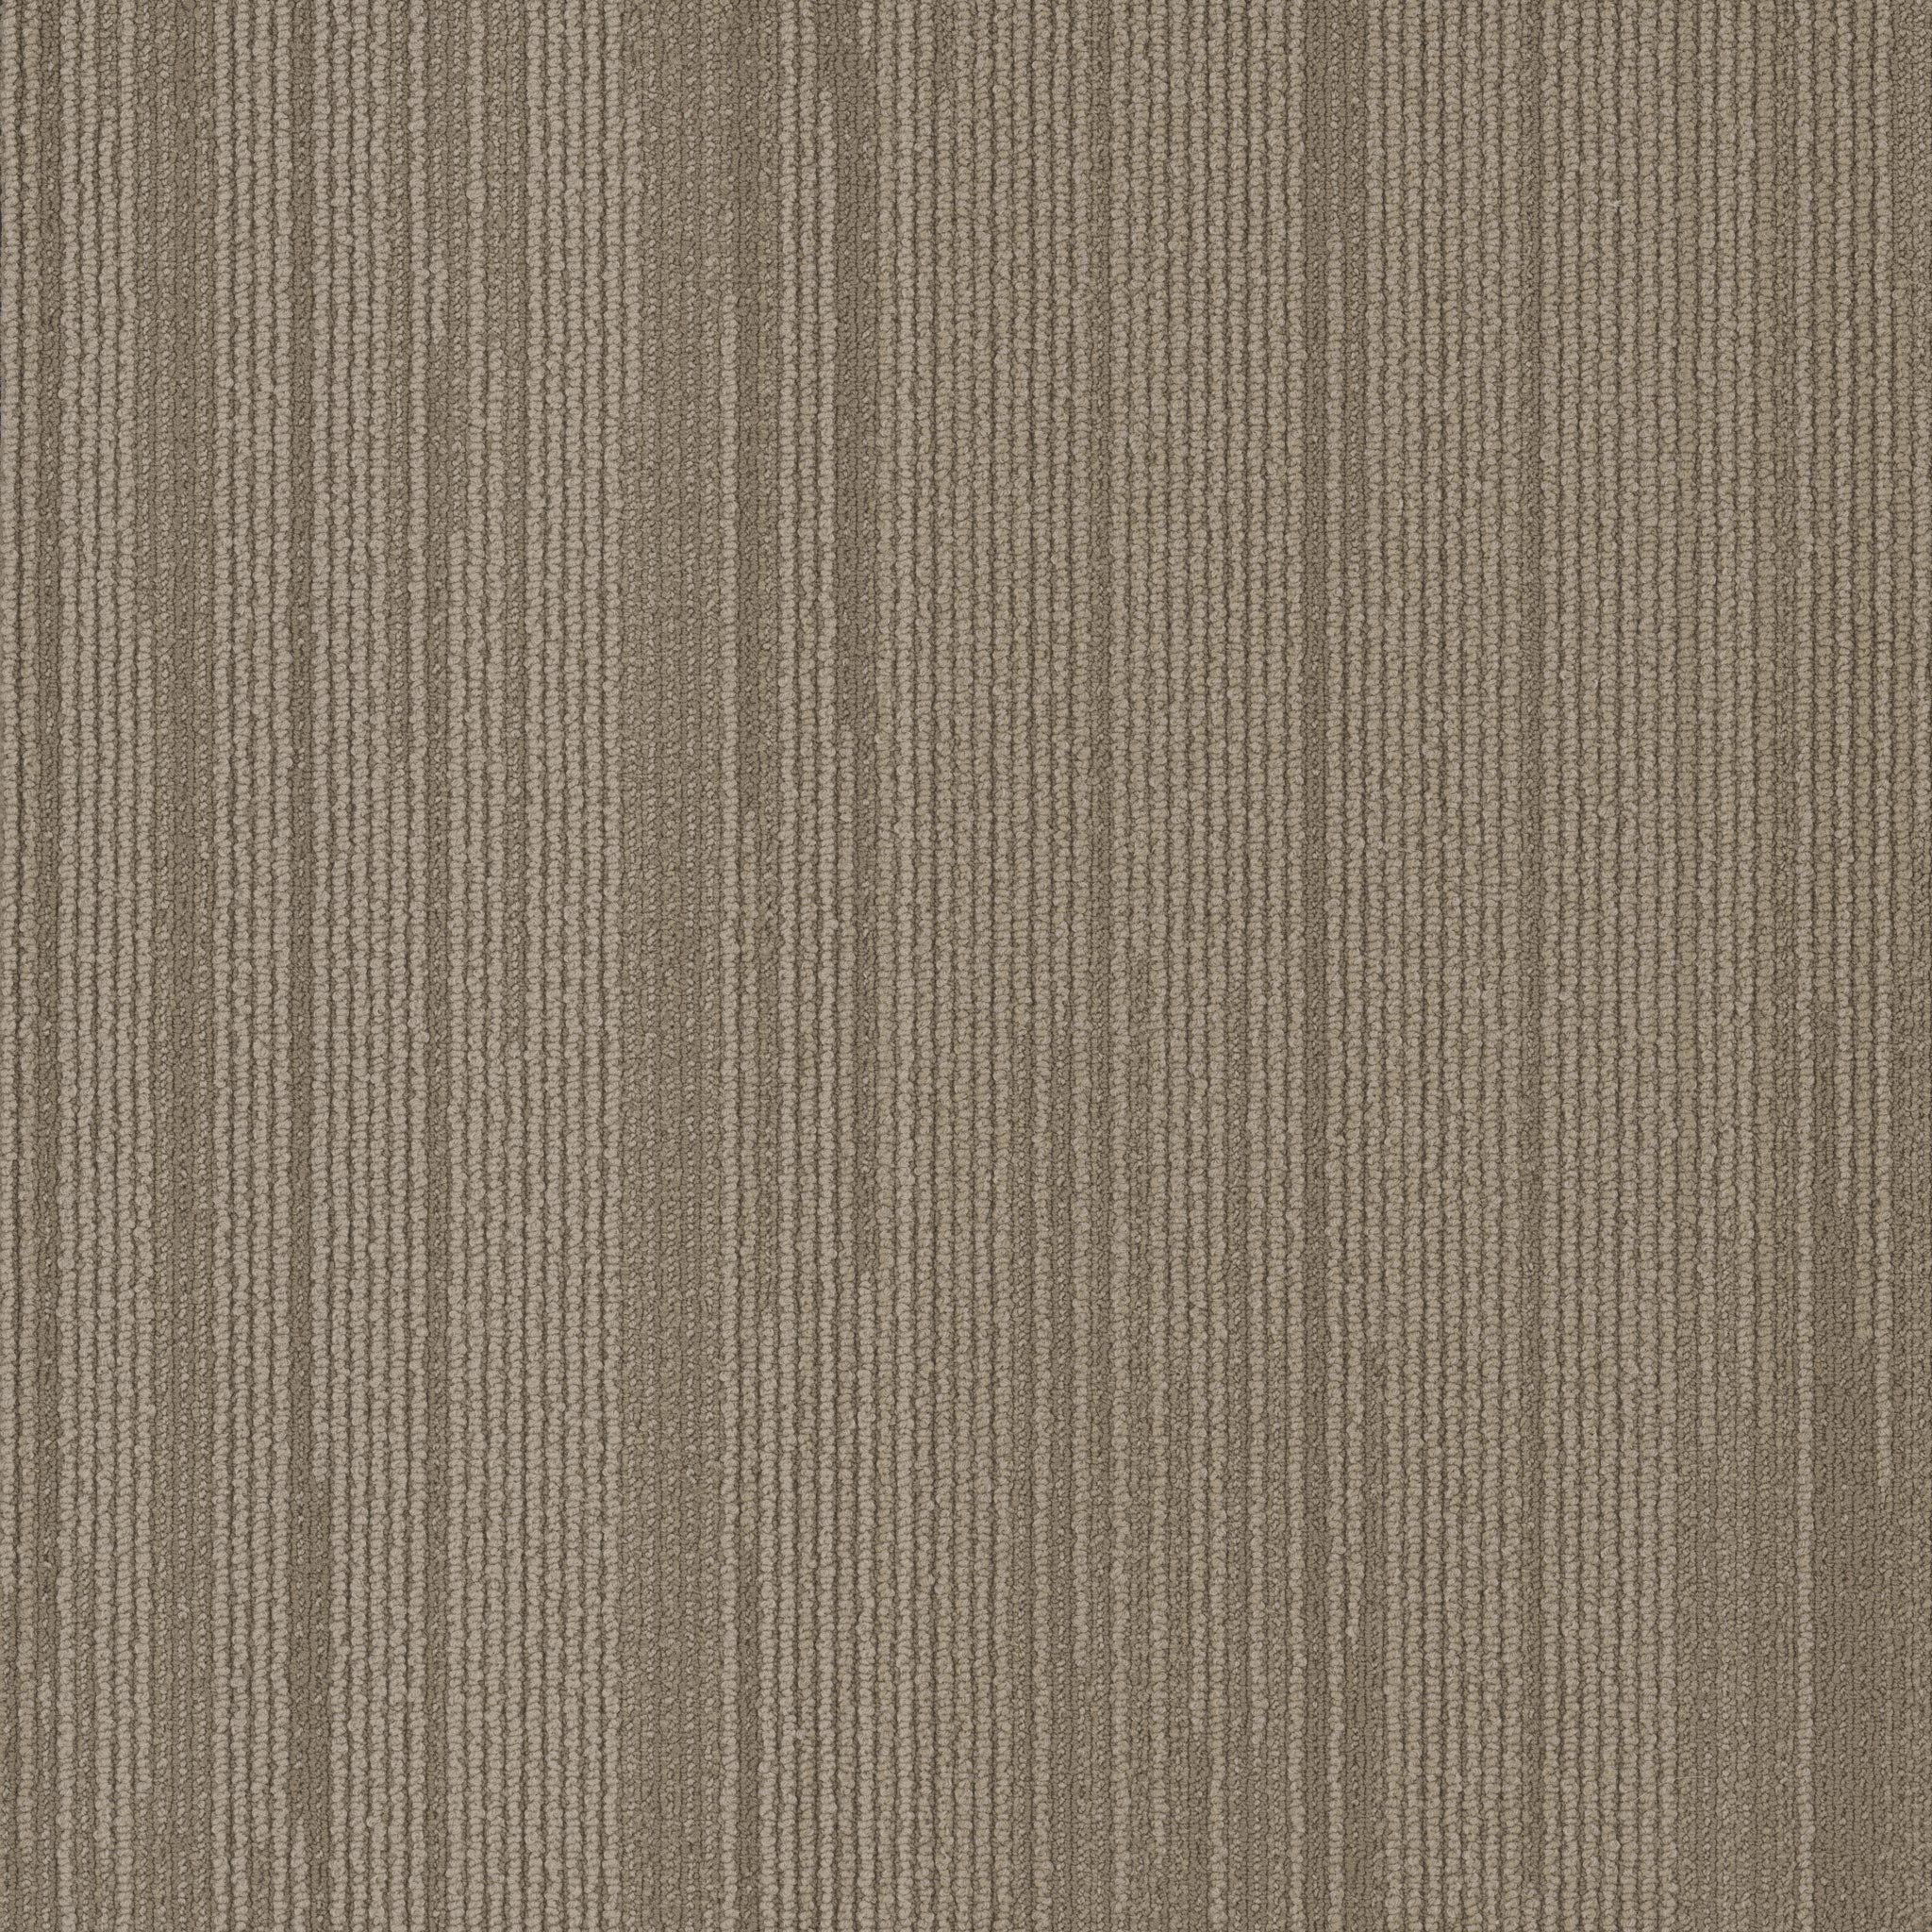 J J Invision Carpet Tile Adhesive Carpet Vidalondon